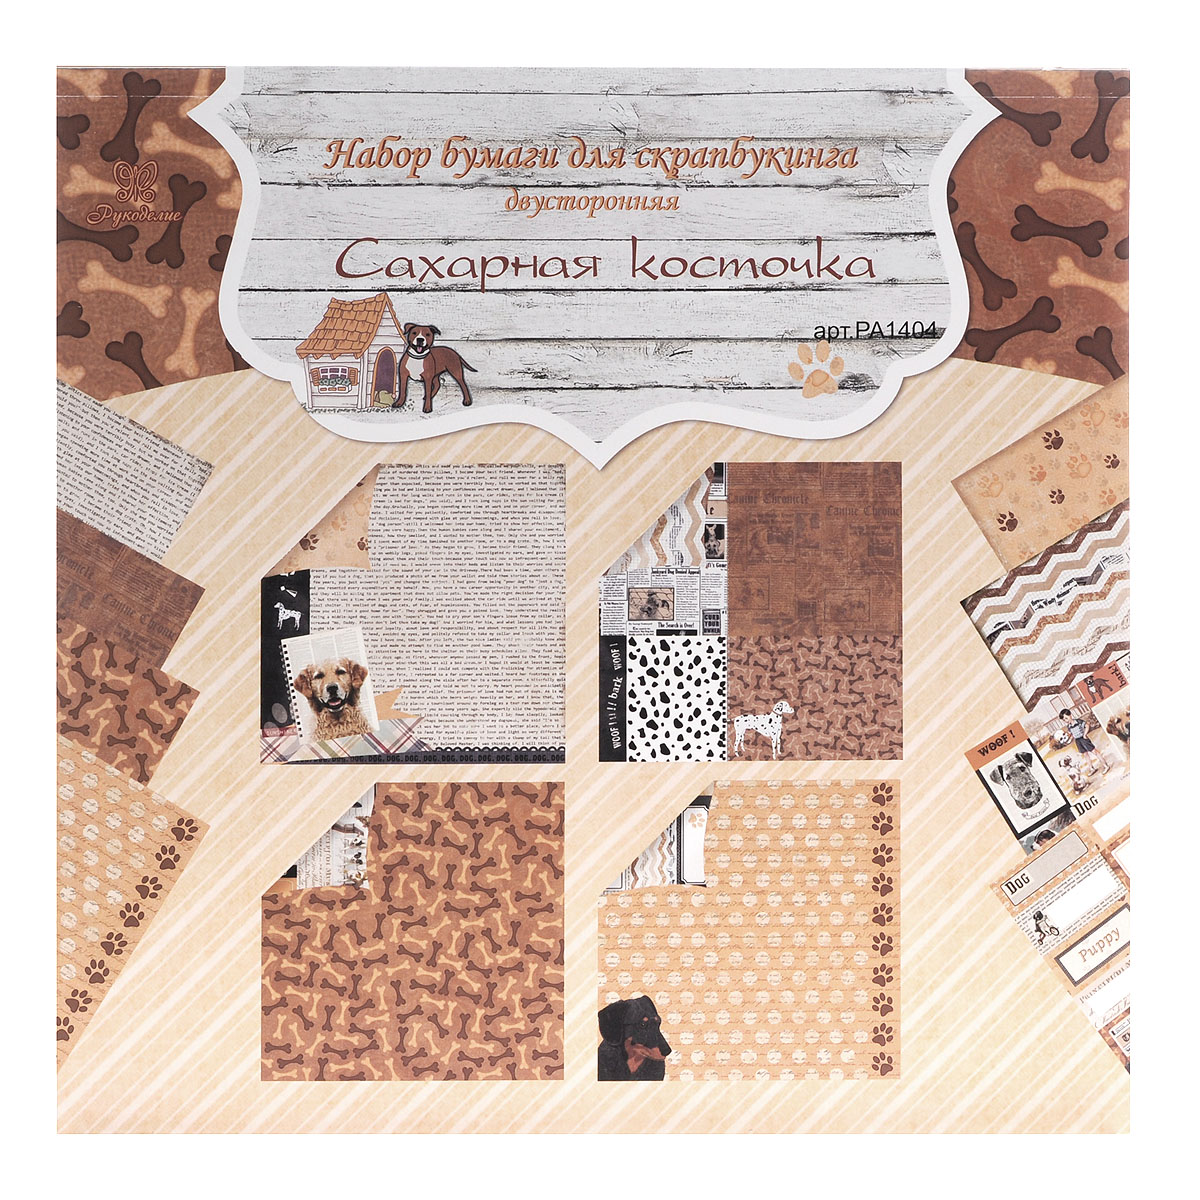 Набор бумаги для скрапбукинга Сахарная косточка, 30,5 х 30,5 см, 20 листов. 485420485420Набор бумаги для скрапбукинга Сахарная косточка позволит создать красивый альбом, фоторамку или открытку ручной работы, оформить подарок или аппликацию. Набор включает 20 листов из плотной бумаги с разным дизайном. Бумага не содержит лигнин и хлор. Скрапбукинг - это хобби, которое способно приносить массу приятных эмоций не только человеку, который этим занимается, но и его близким, друзьям, родным. Это невероятно увлекательное занятие, которое поможет вам сохранить наиболее памятные и яркие моменты вашей жизни, а также интересно оформить интерьер дома. Размер листа: 30,5 см х 30,5 см.